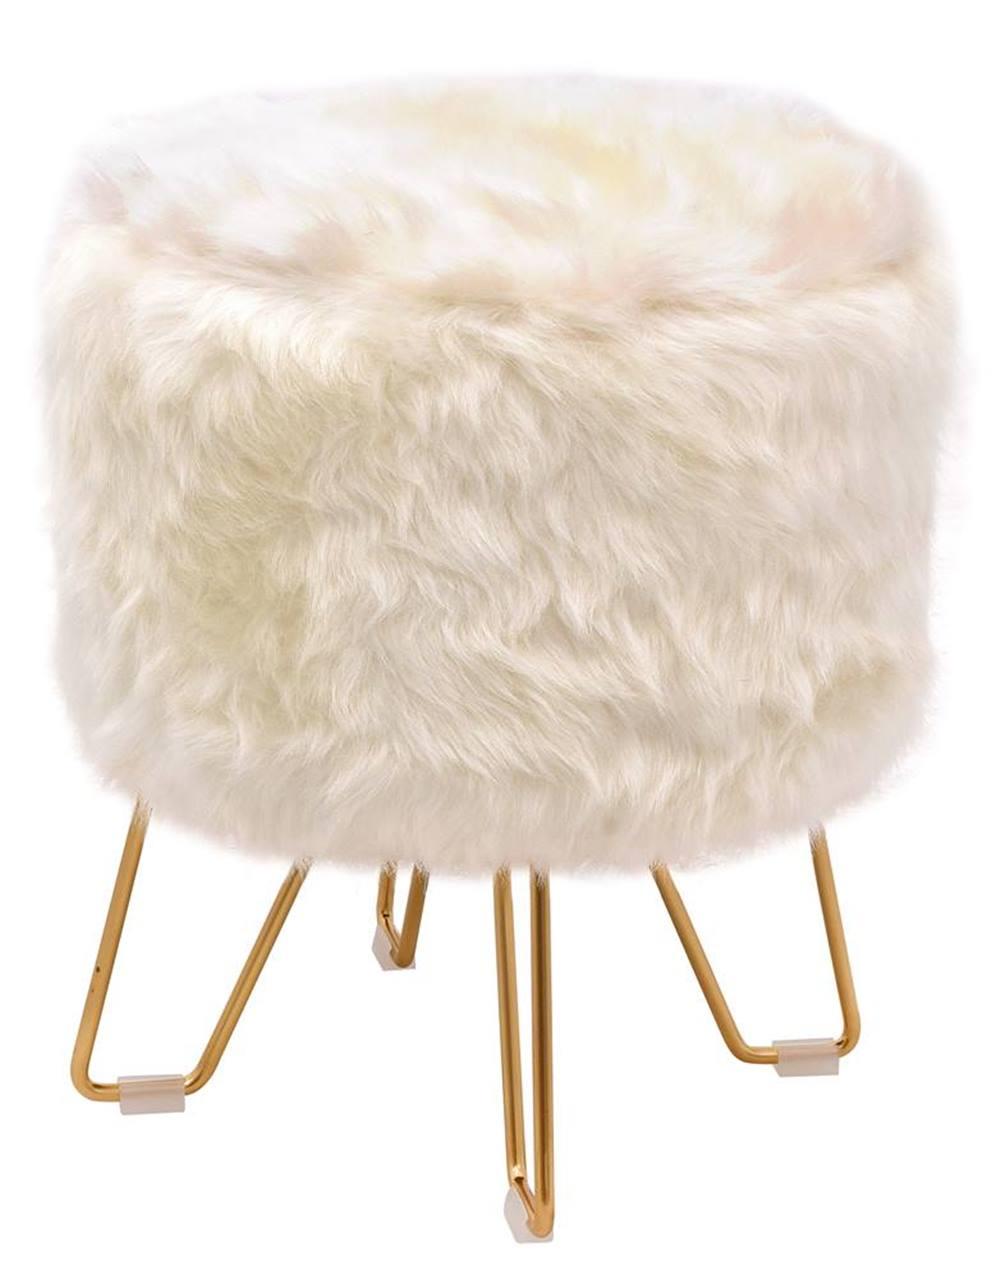 Puff Libre Pele Sintetica Branca Base Dourado 48 cm - 49065